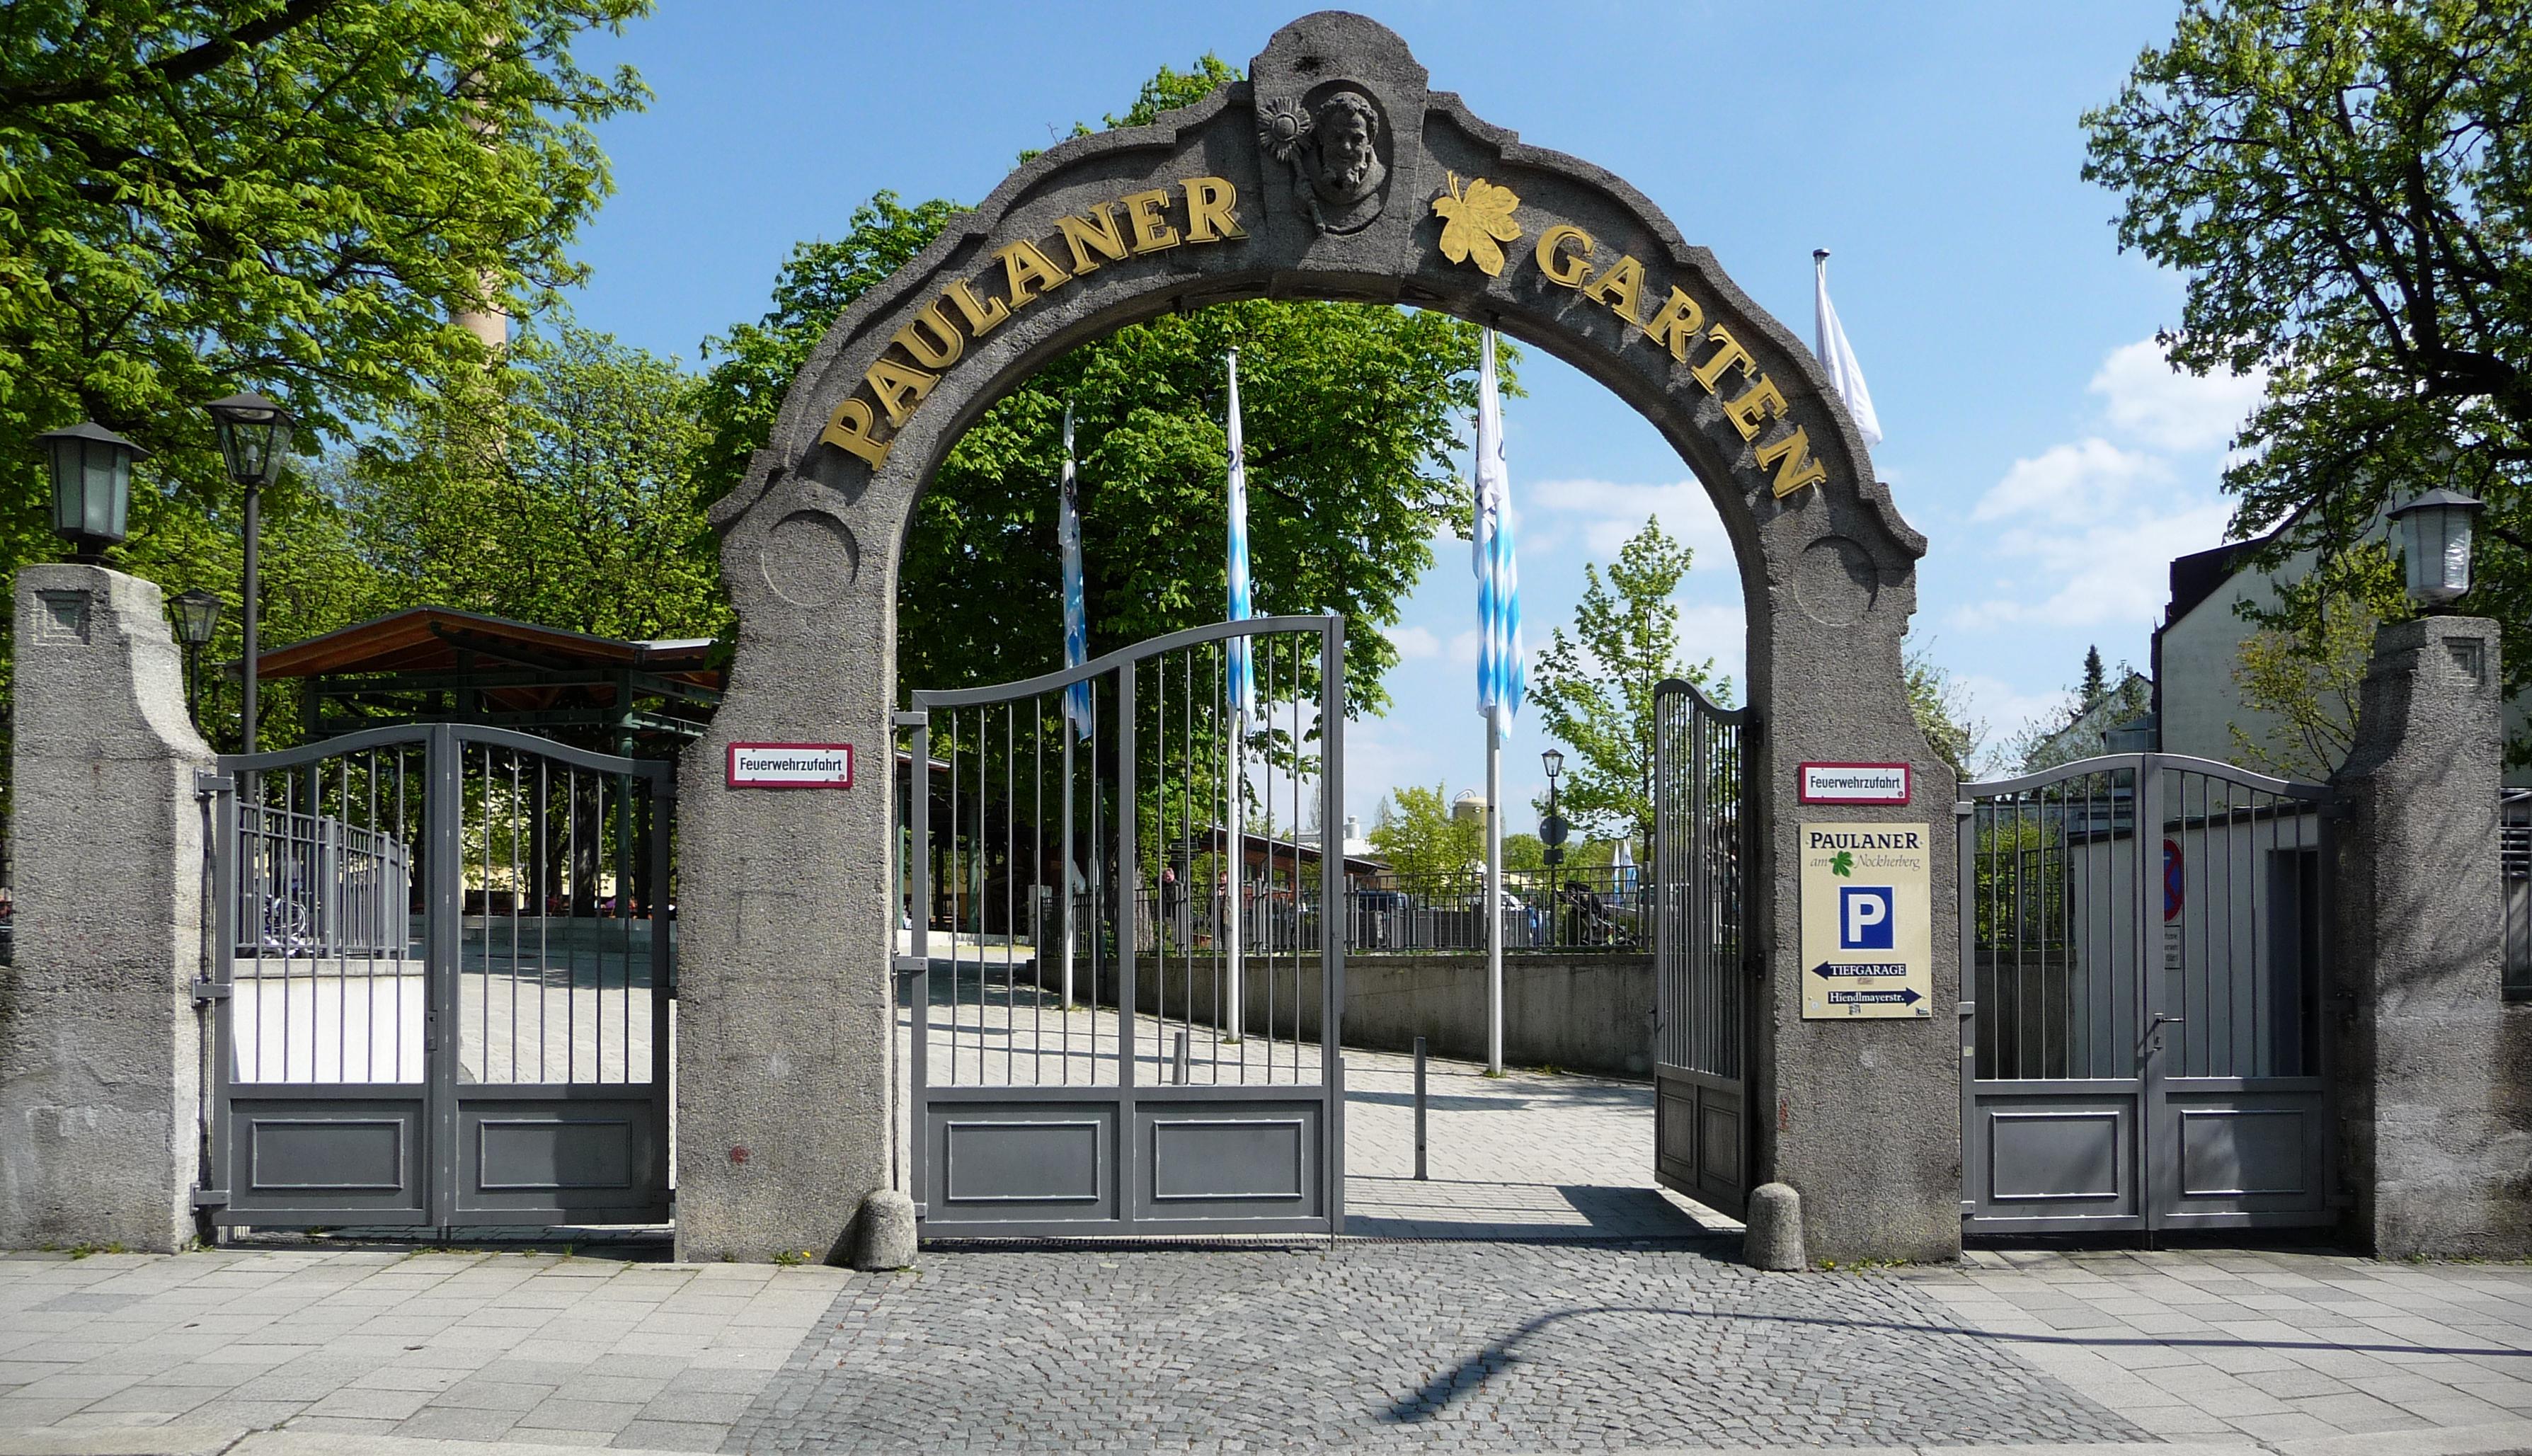 Welche sind die besten Biergärten in München? Schau mal